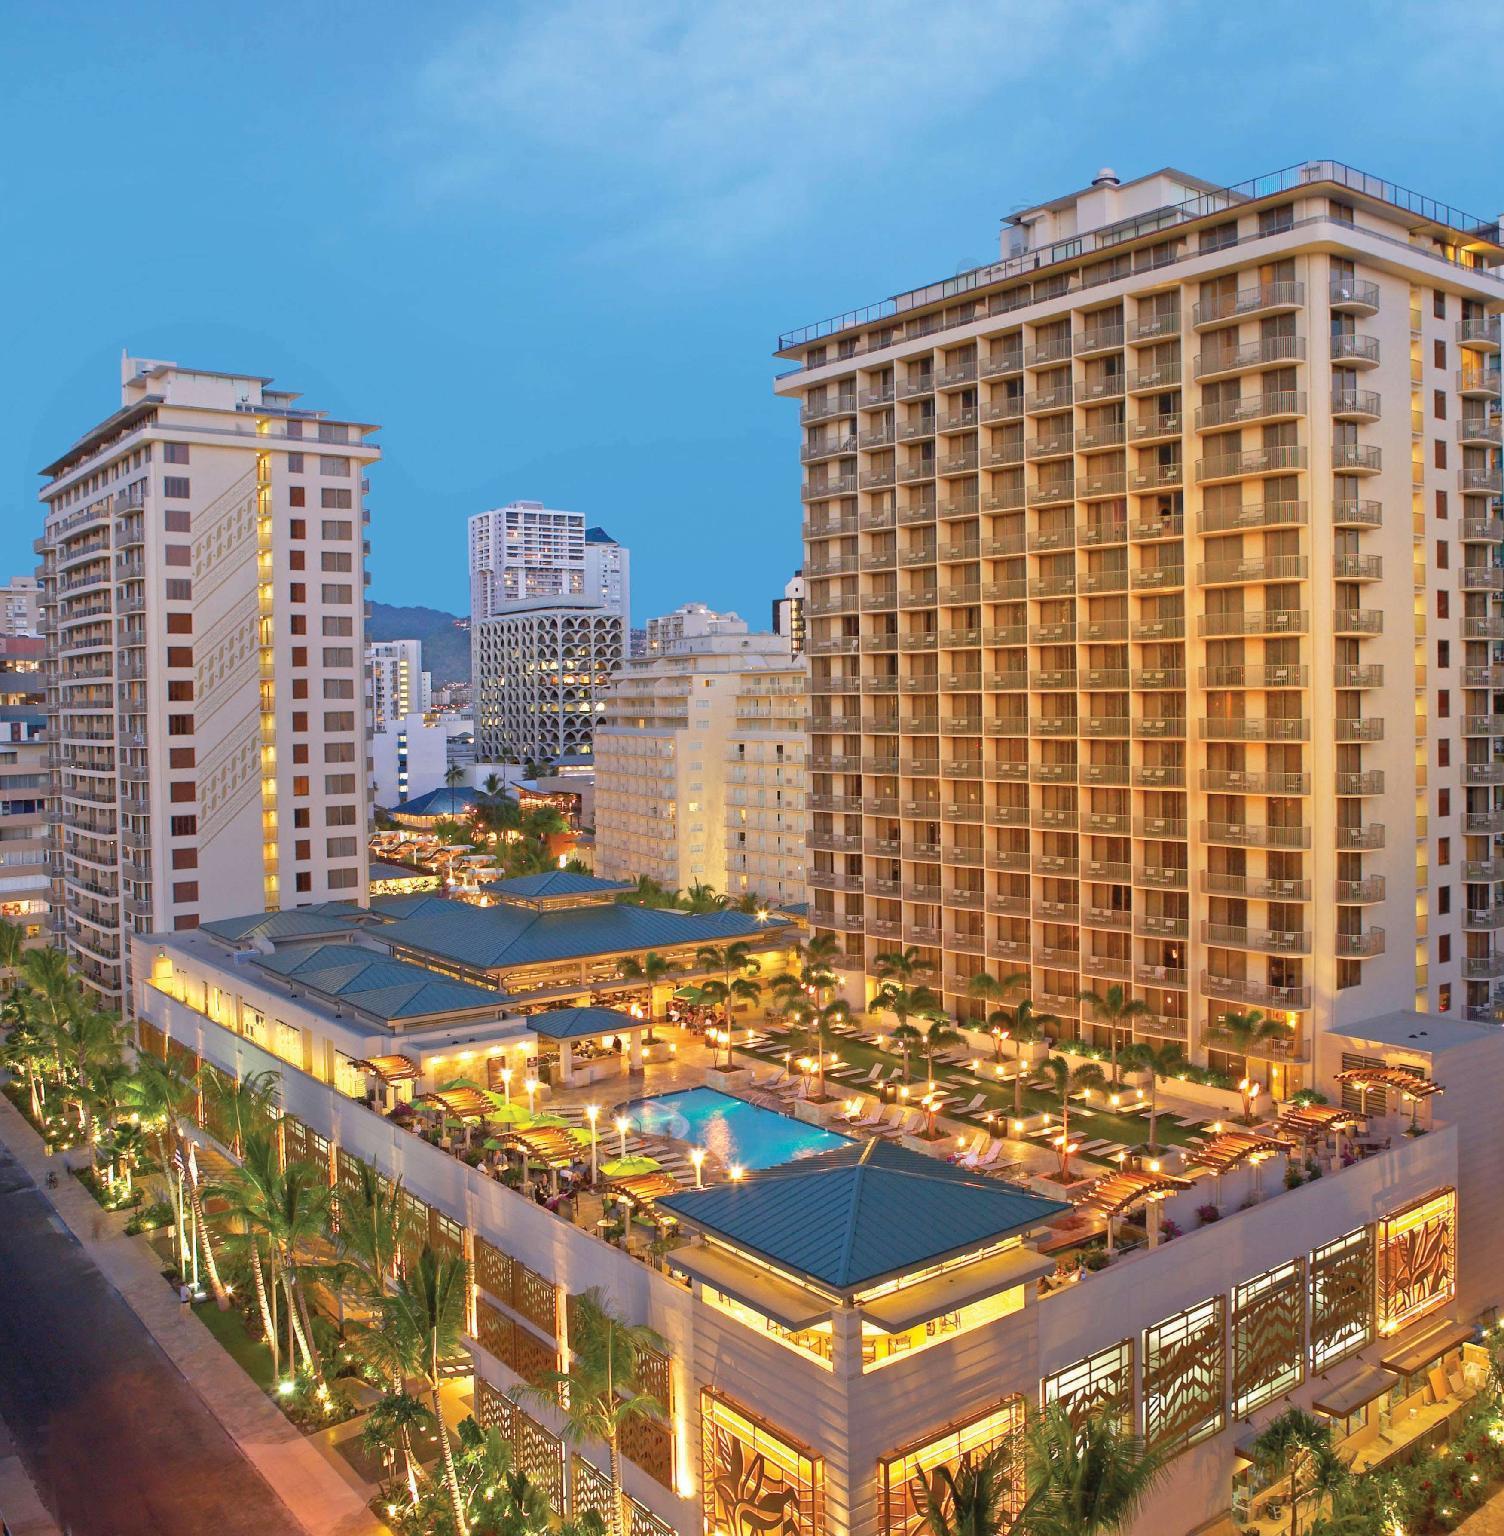 Embassy Suites Hotel Waikiki Beachwalk